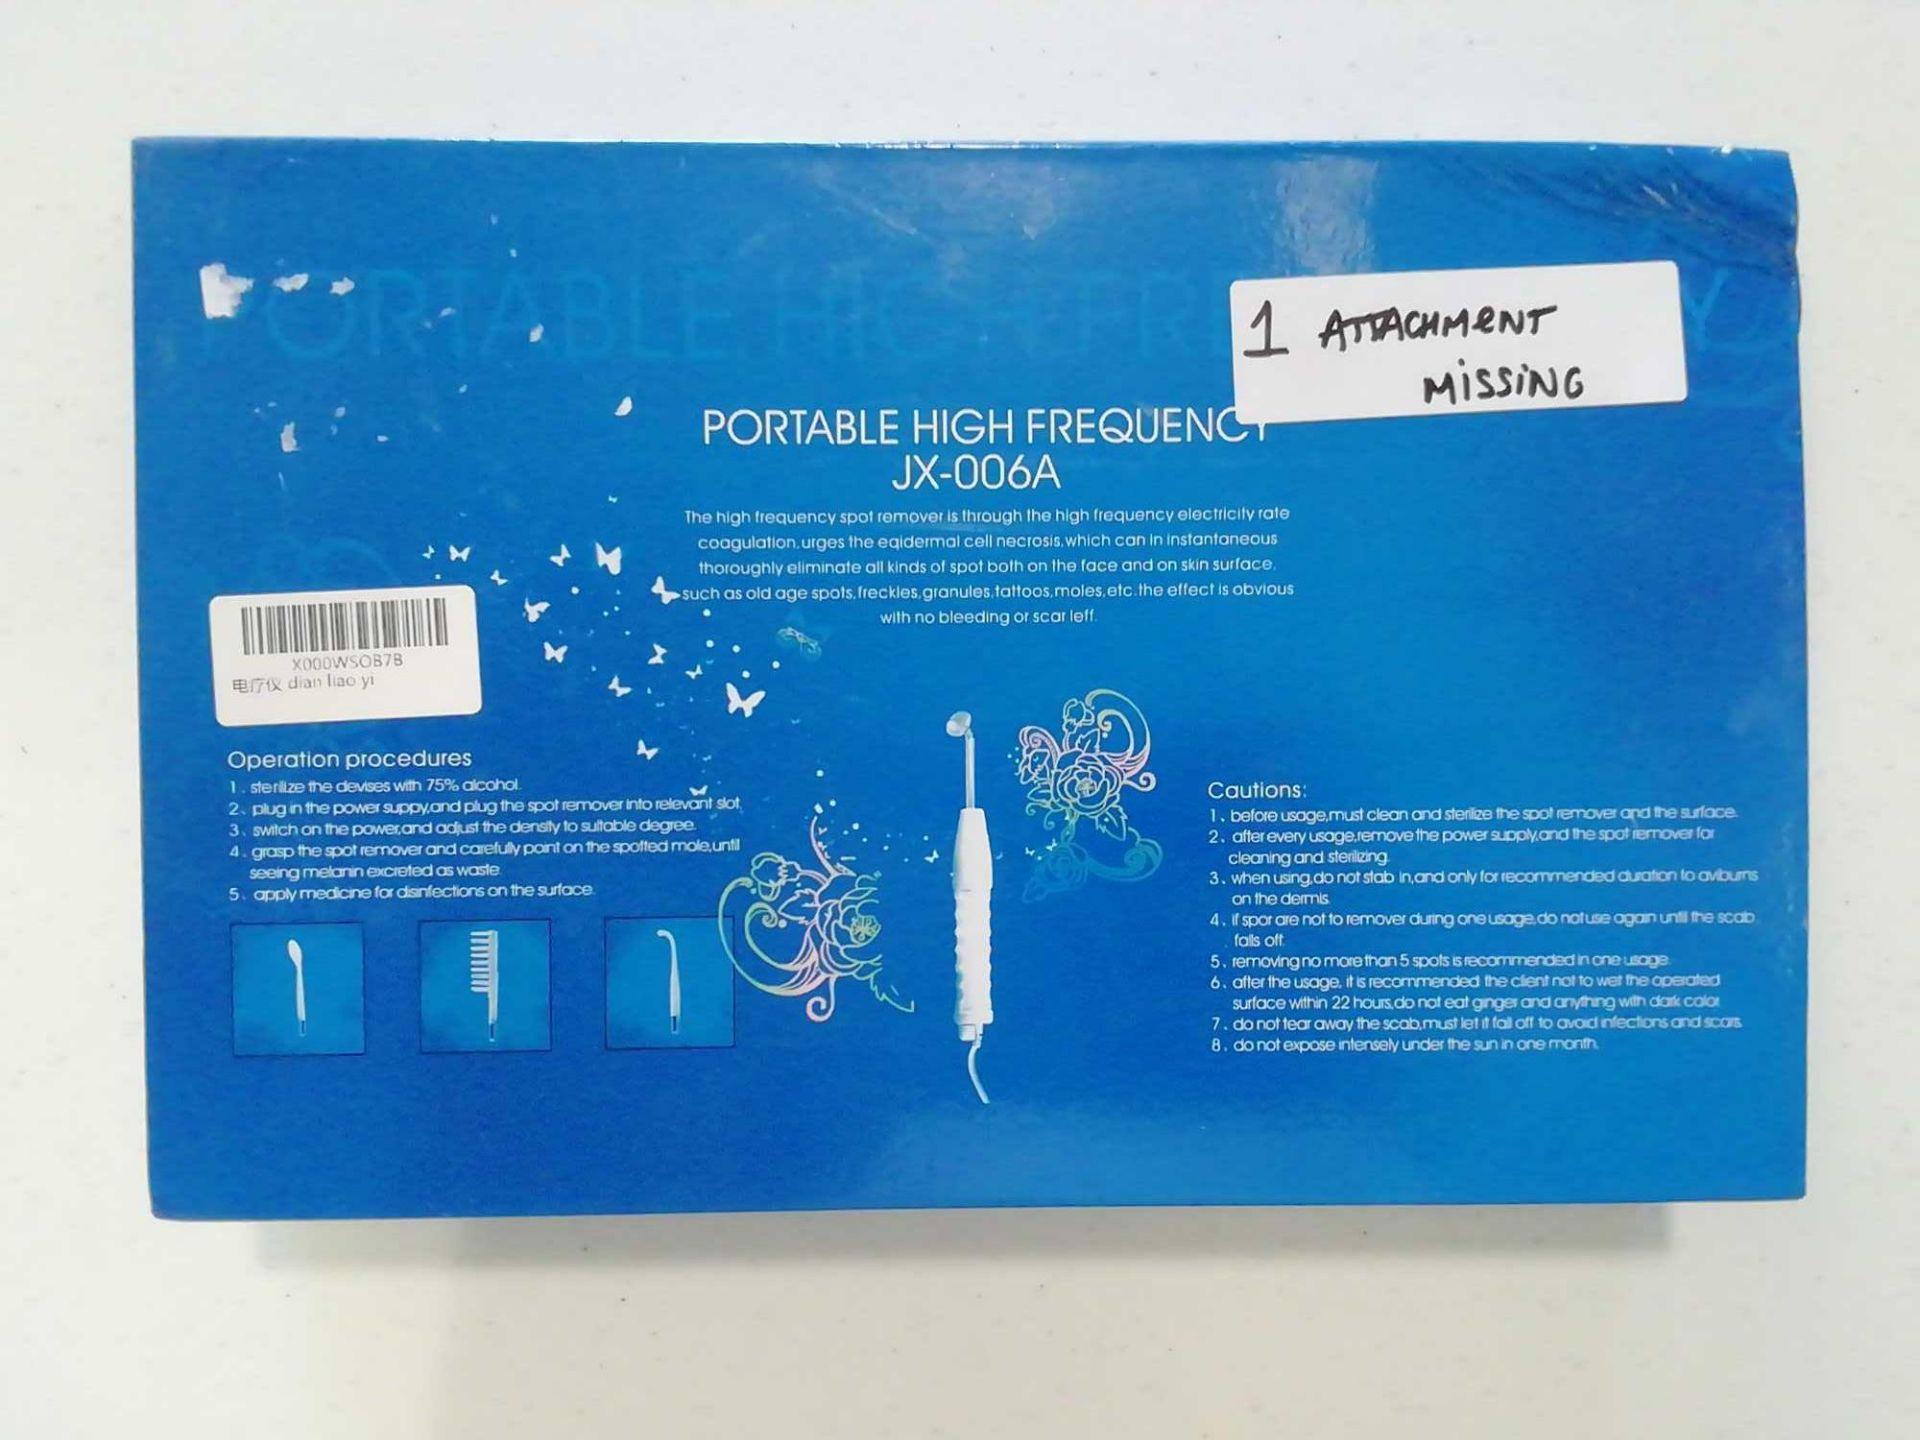 Lot 193 - Equipamento cuidado de beleza portatil Ultrasons (JX-006A)